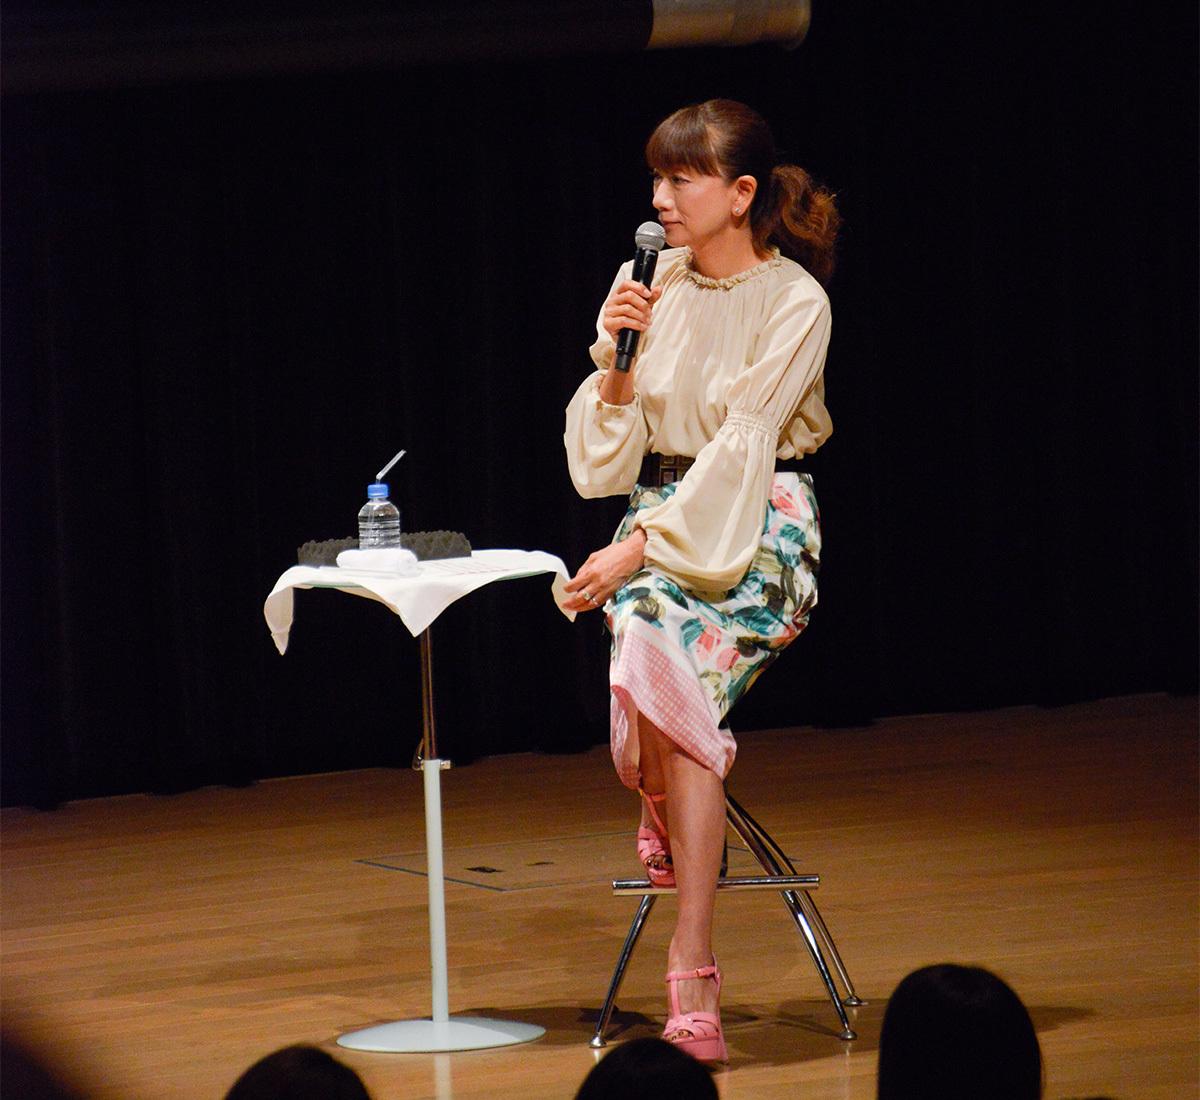 Marisol創刊10周年記念「働く女っぷりパーティー」報告レポート_1_3